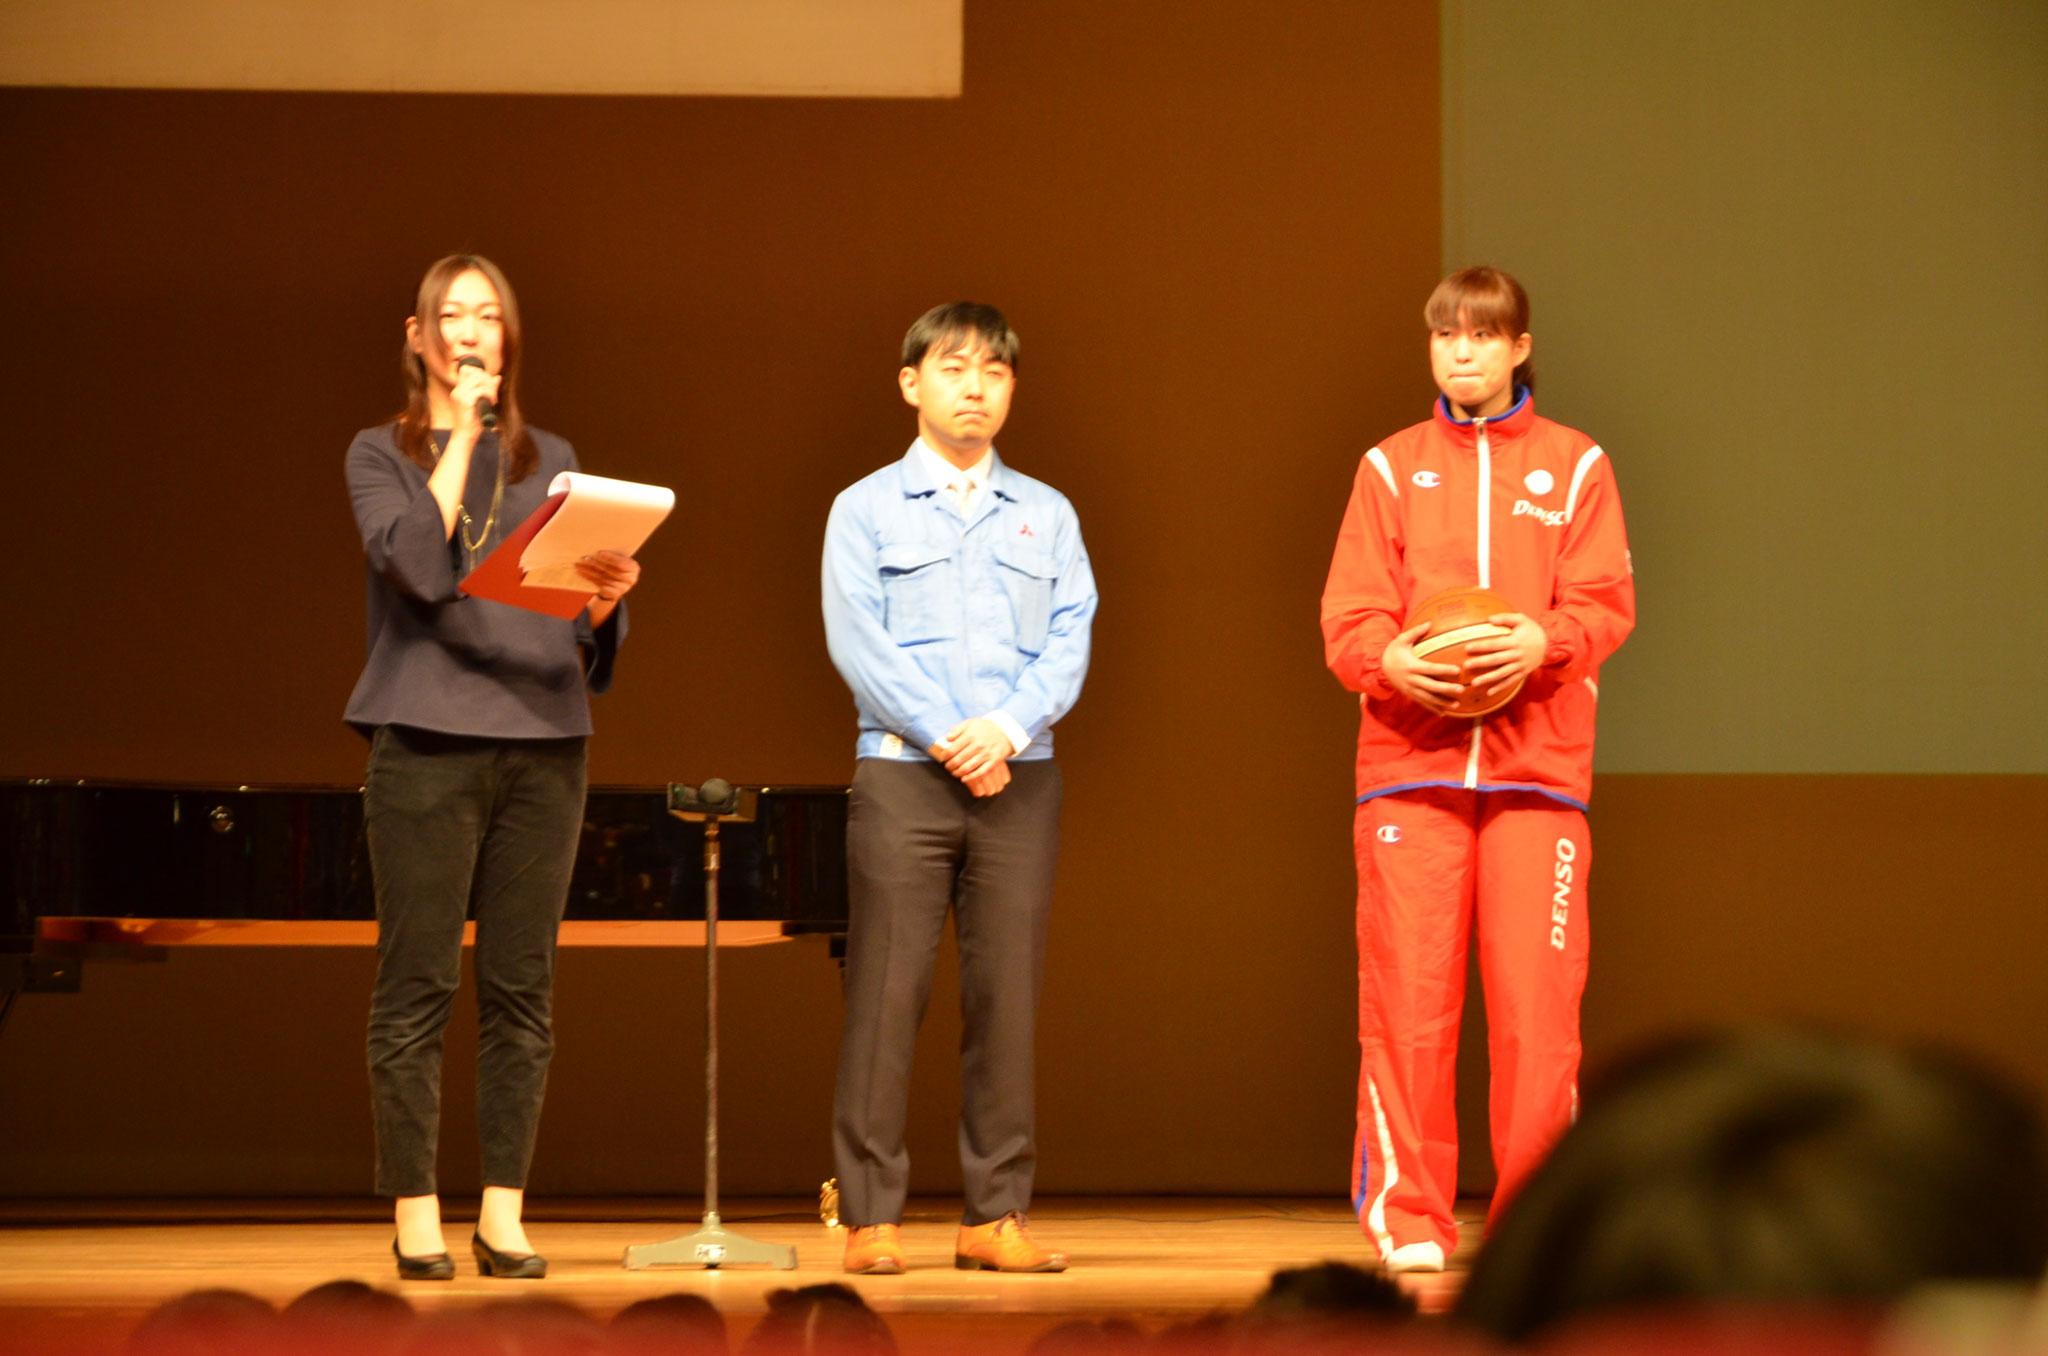 社会人講師紹介(左:ロケット開発技術者 山本さん / 右:粟津選手)